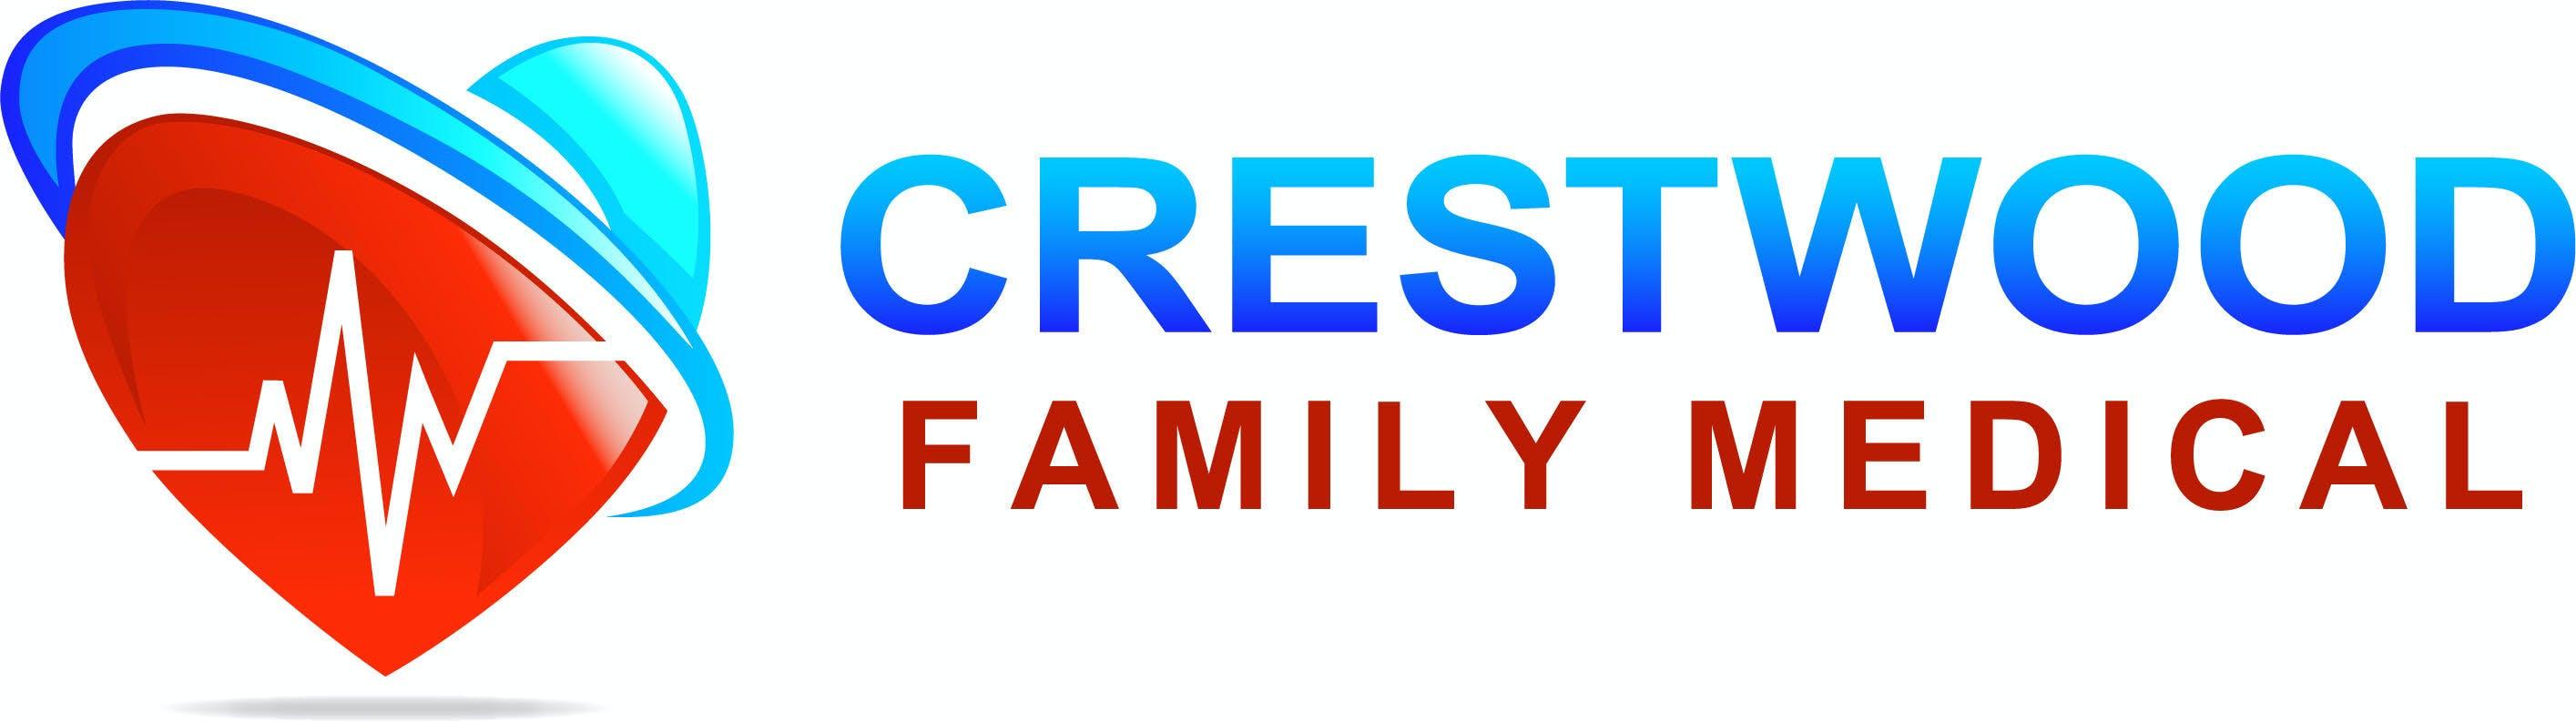 Crestwood Family Medical Logo